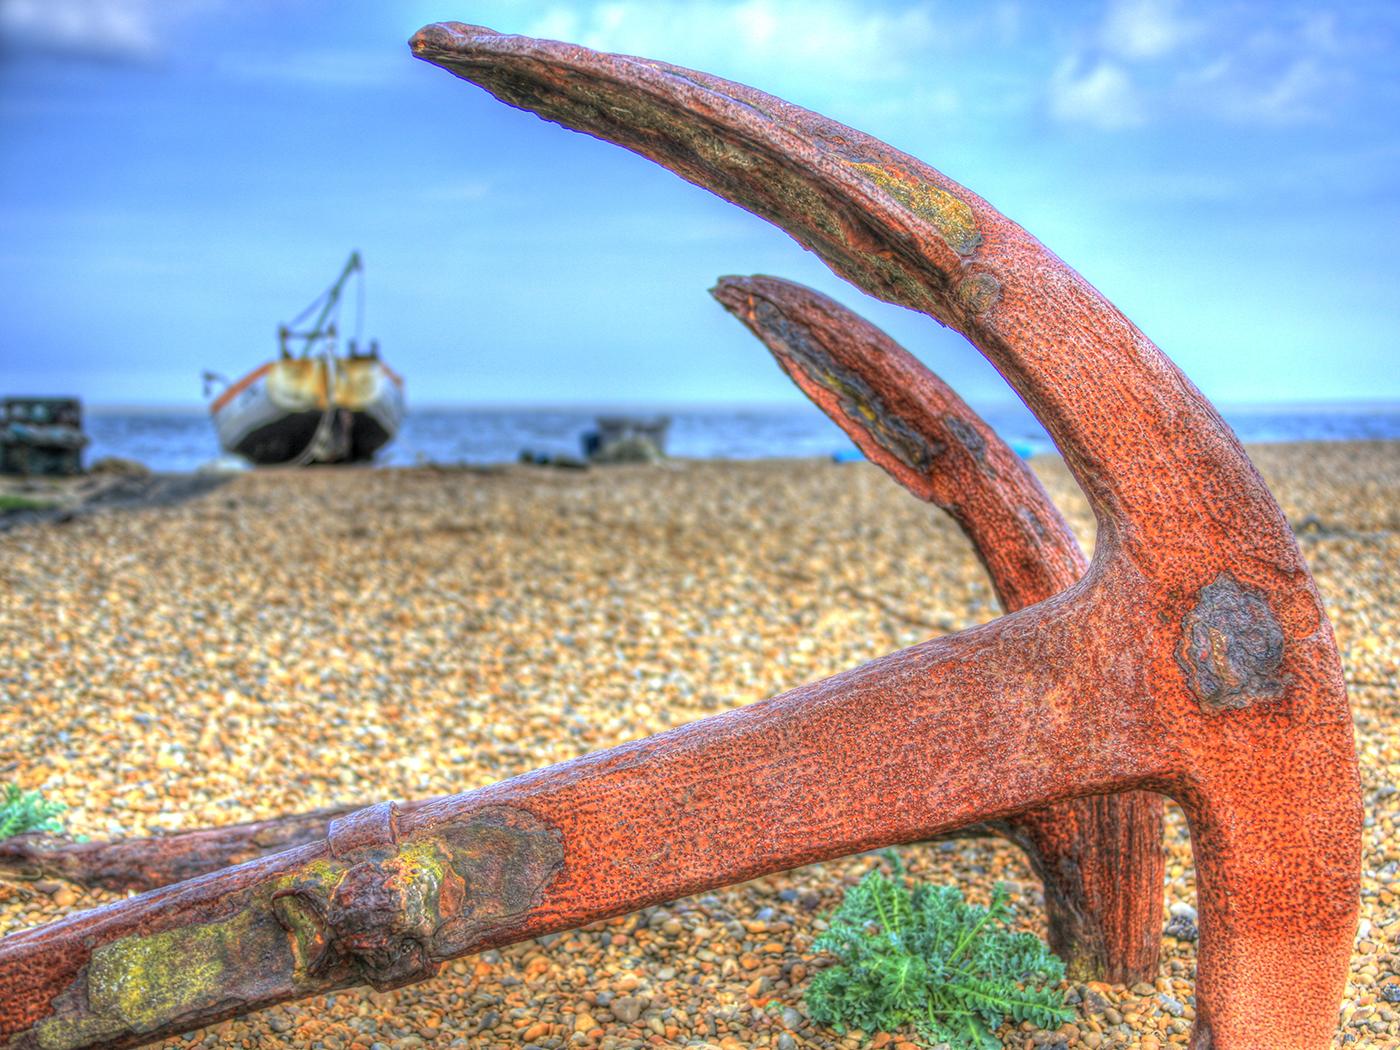 Abandoned+on+a+beach.jpg